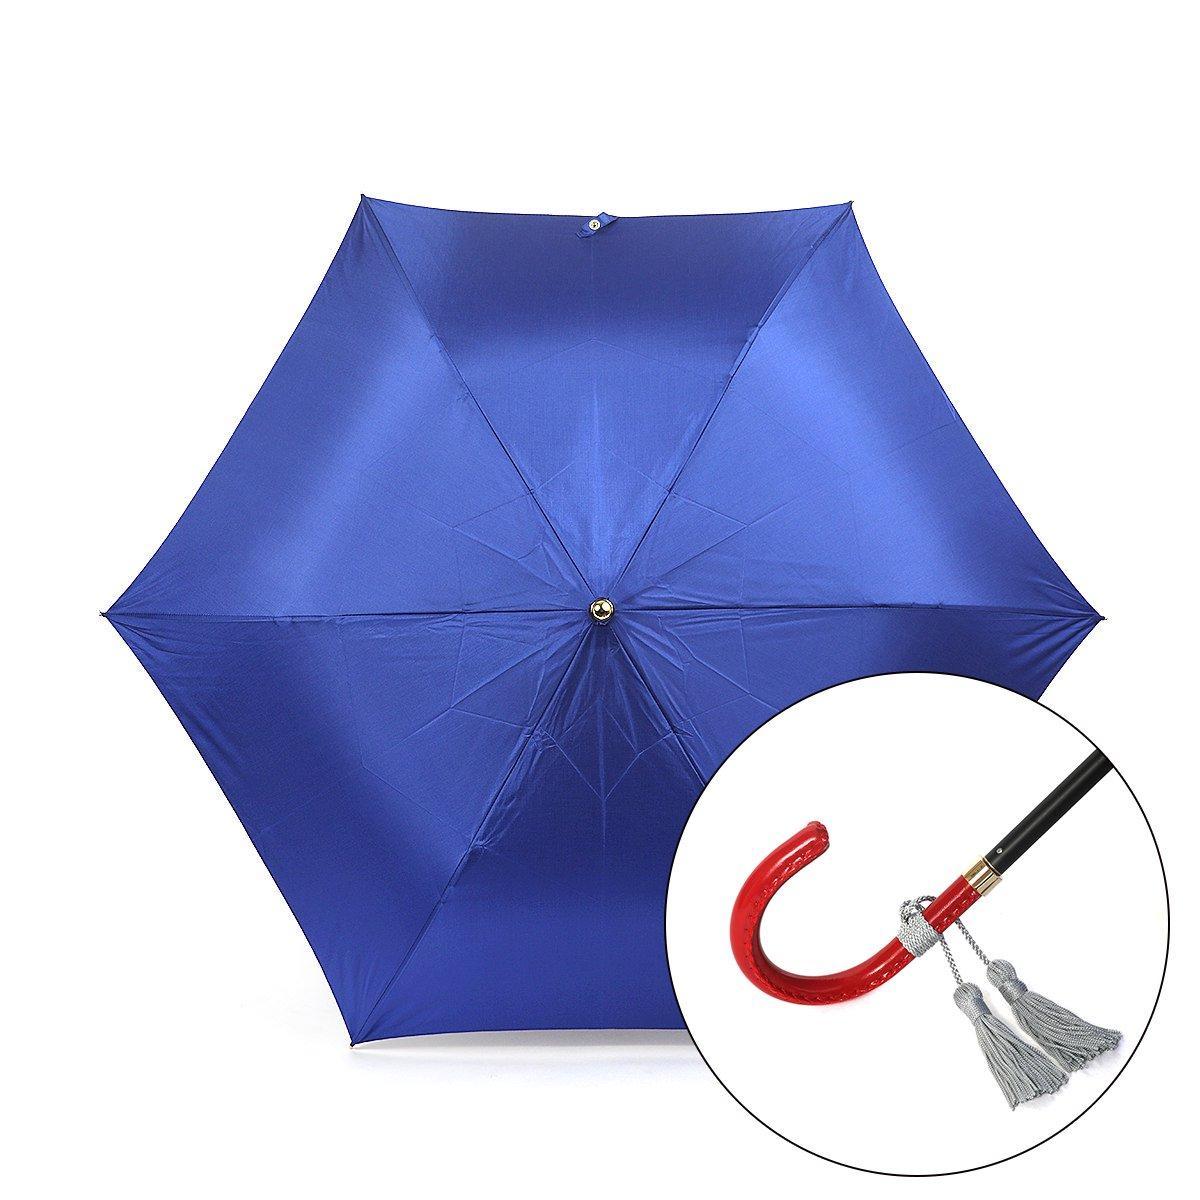 東京ノーブル 無地 折りたたみ傘 詳細画像21